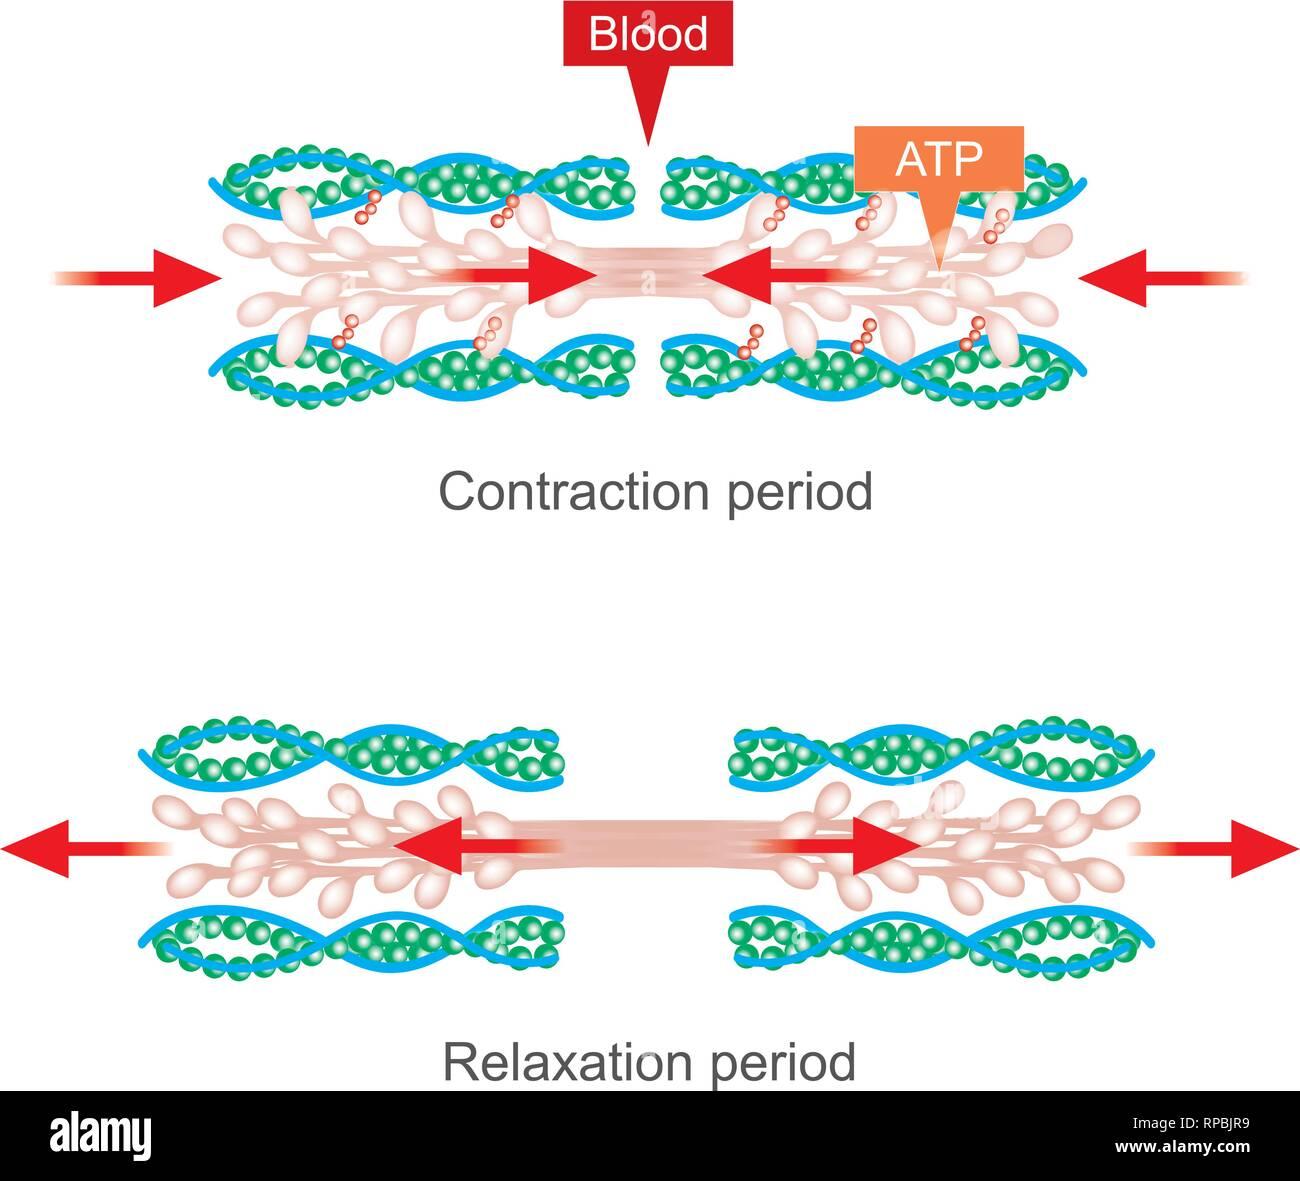 La contracción muscular como resultado de impulsos nerviosos provocó una reacción bioquímica que provoca la miosina para pegarse a la actina. Cuerpo Humano infográfico. Imagen De Stock